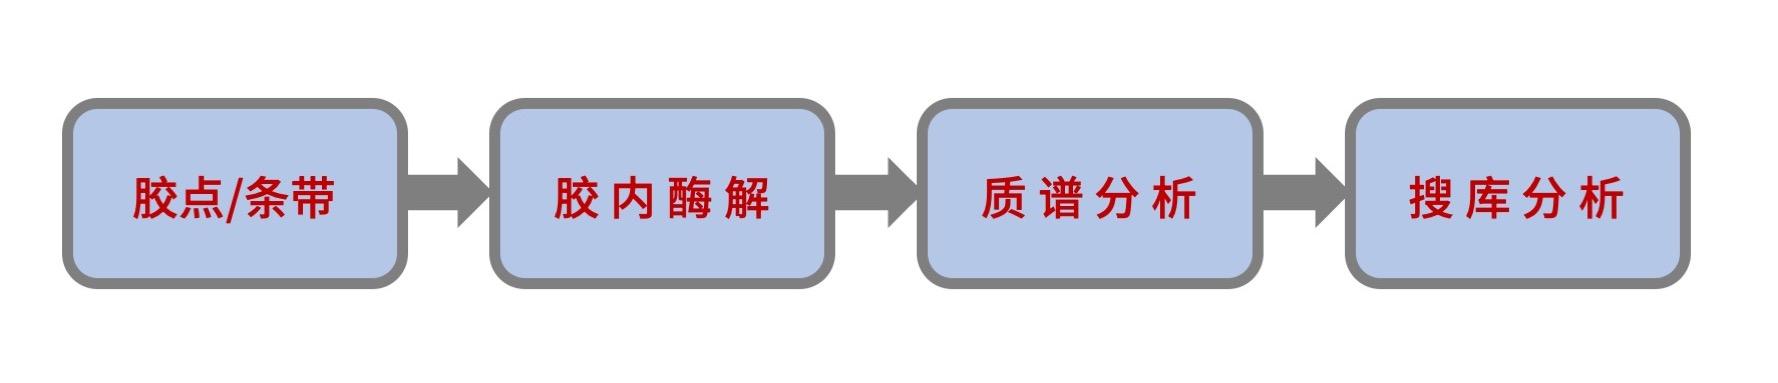 幻灯片3.jpeg